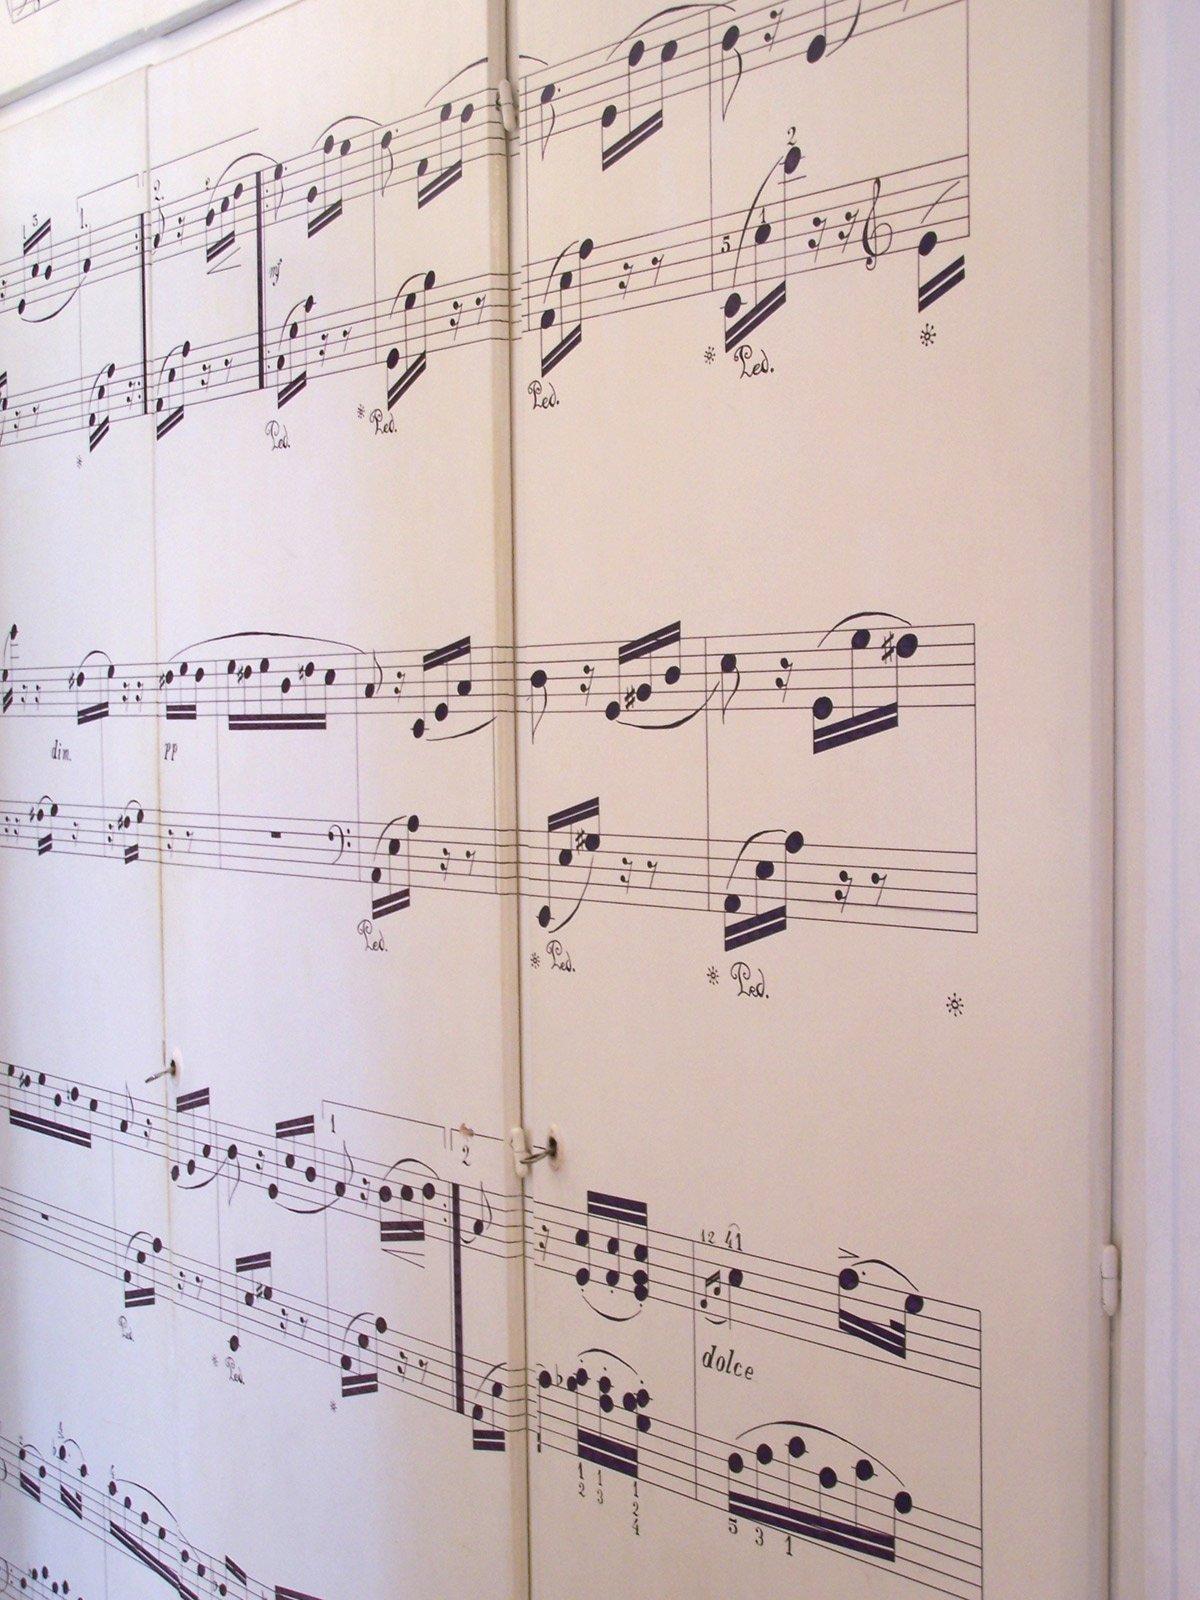 Armadio con spartito musicale - Cose di Casa